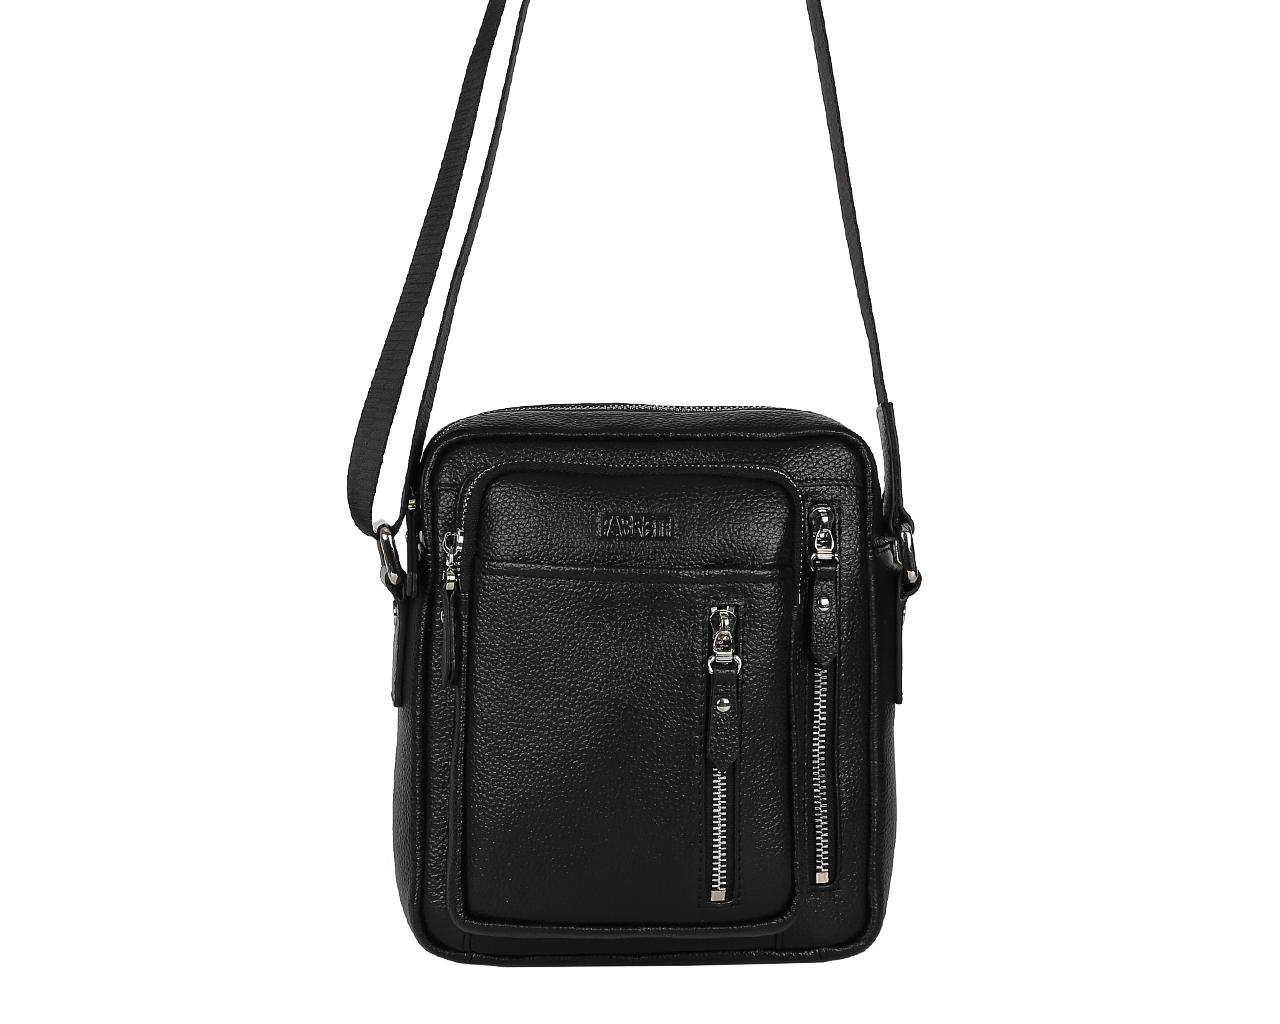 Сумка мужская Fabretti, цвет: черный. LRB004LRB004-blackСтильная мужская сумка Fabretti выполнена из натуральной кожи с зернистой фактурой и оформлена металлической фурнитурой. Изделие содержит одно основное отделение, которое закрывается молнию. Внутри расположен врезной карман на молнии встроенный органайзер, который состоит из накладного кармана для телефона и двух кожаных фиксаторов для ручек. Снаружи, на лицевой стенке сумки расположен накладной карман. В тыльной стенке сумки расположены два врезных кармана с молниями и два накладных кармана, один из которых закрывается на молнию. В тыльной стенке сумки дополнительный врезной карман на молнии. Сумка оснащена плечевым ремнем регулируемой длины, который крепится к основанию изделия при помощи металлической фурнитуры. Сумка Fabretti прекрасно дополнит образ и подчеркнет ваш неповторимый стиль.